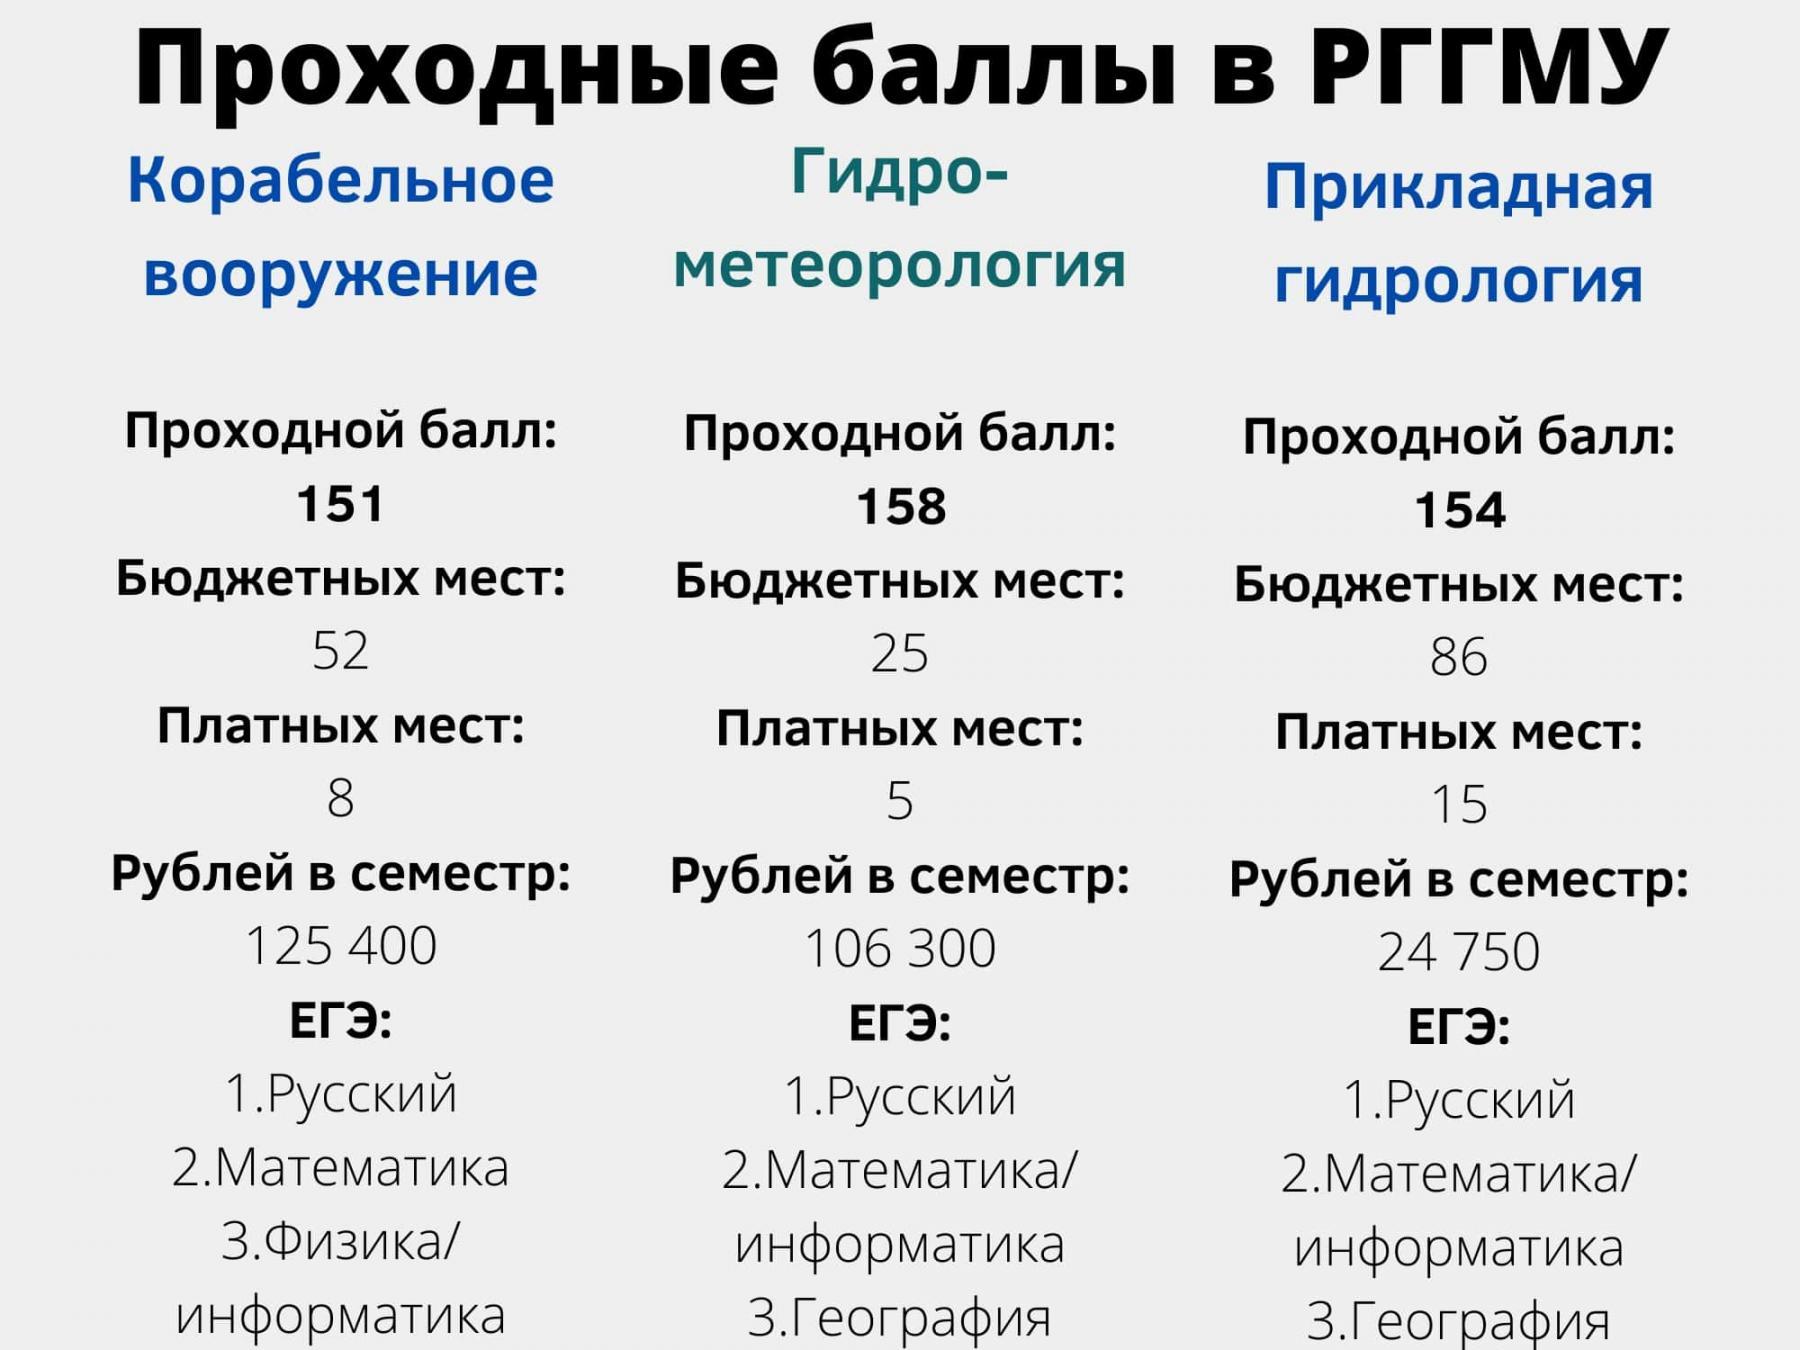 фото 7 вузов Санкт-Петербурга с самыми низкими баллами ЕГЭ на бюджет летом 2021 года 4